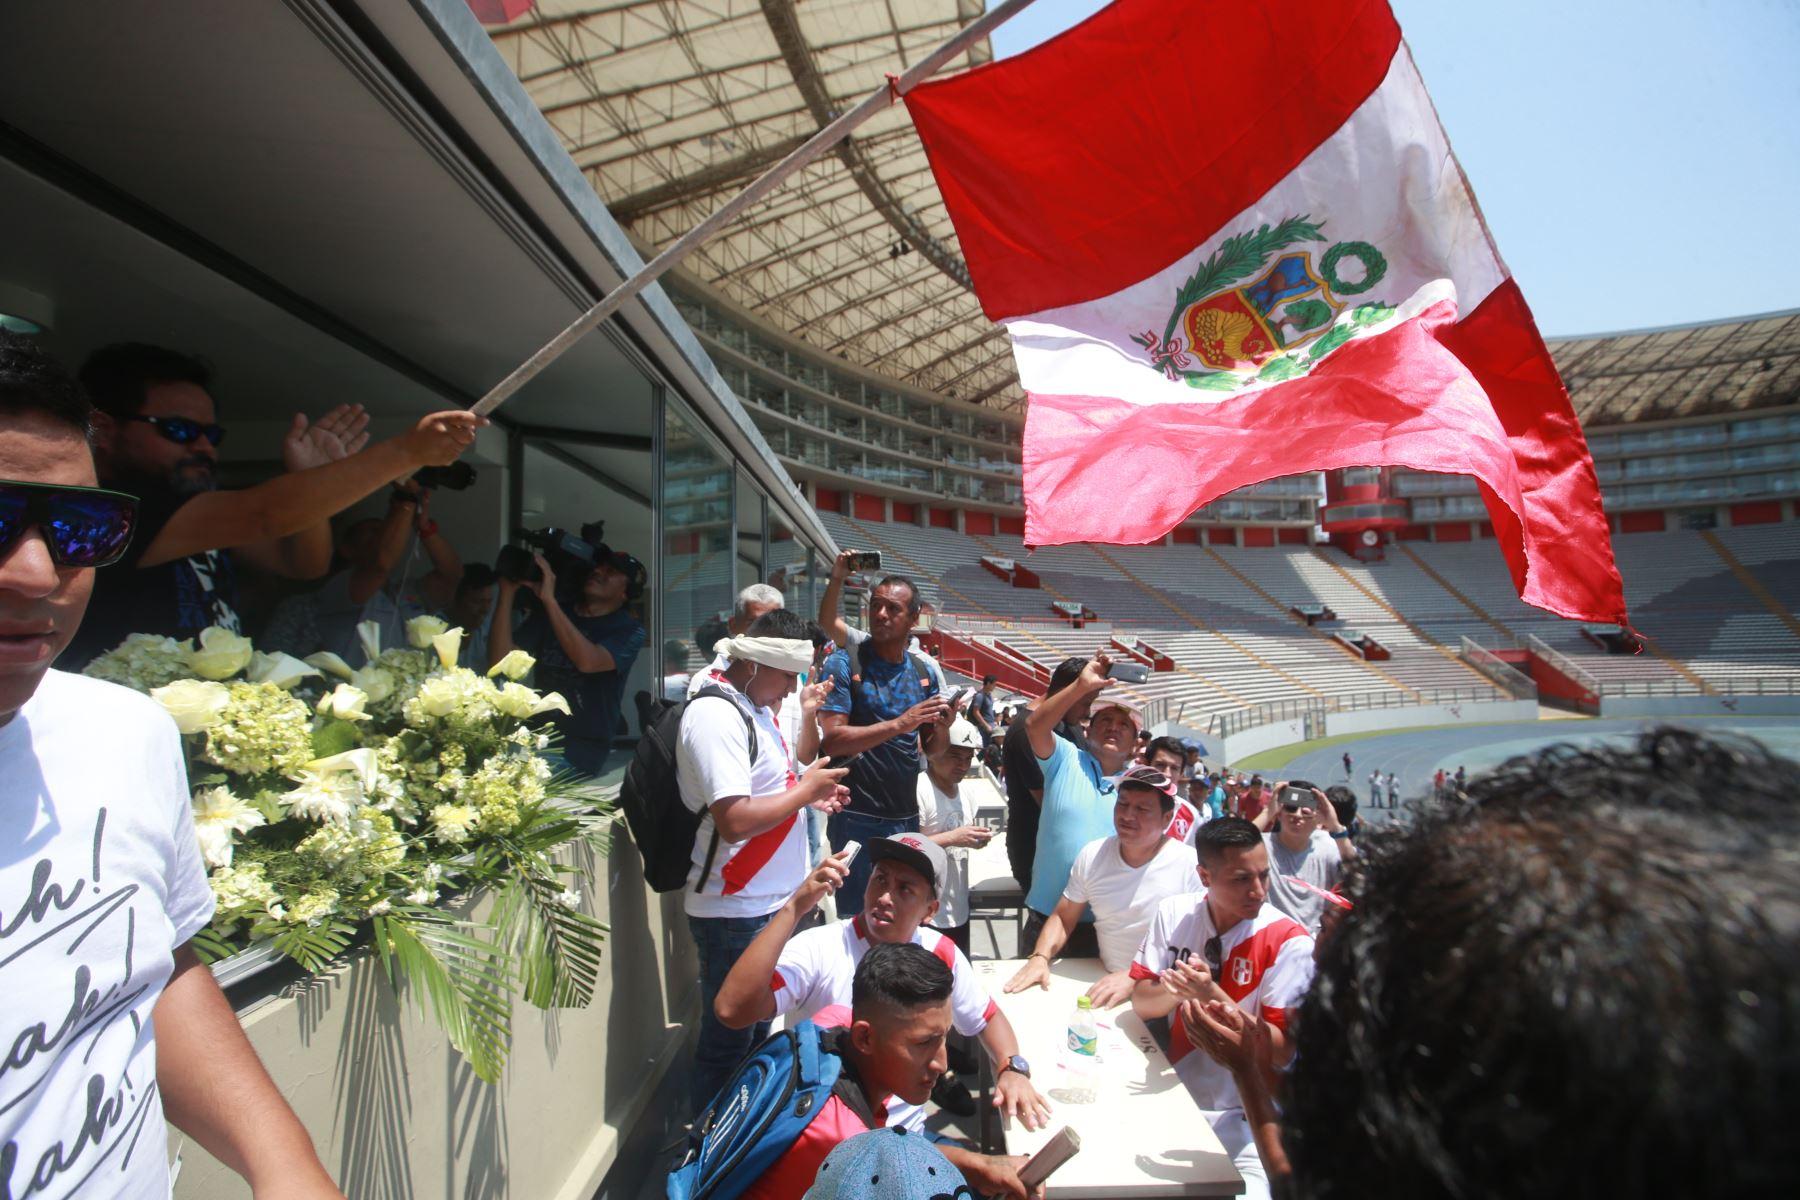 21/02/2018 Bandera Peruana flamea en la cabina radial de fallecido periodista Daniel Peredo,en el Estadio Nacional. Foto: ANDINA/Jhony Laurente